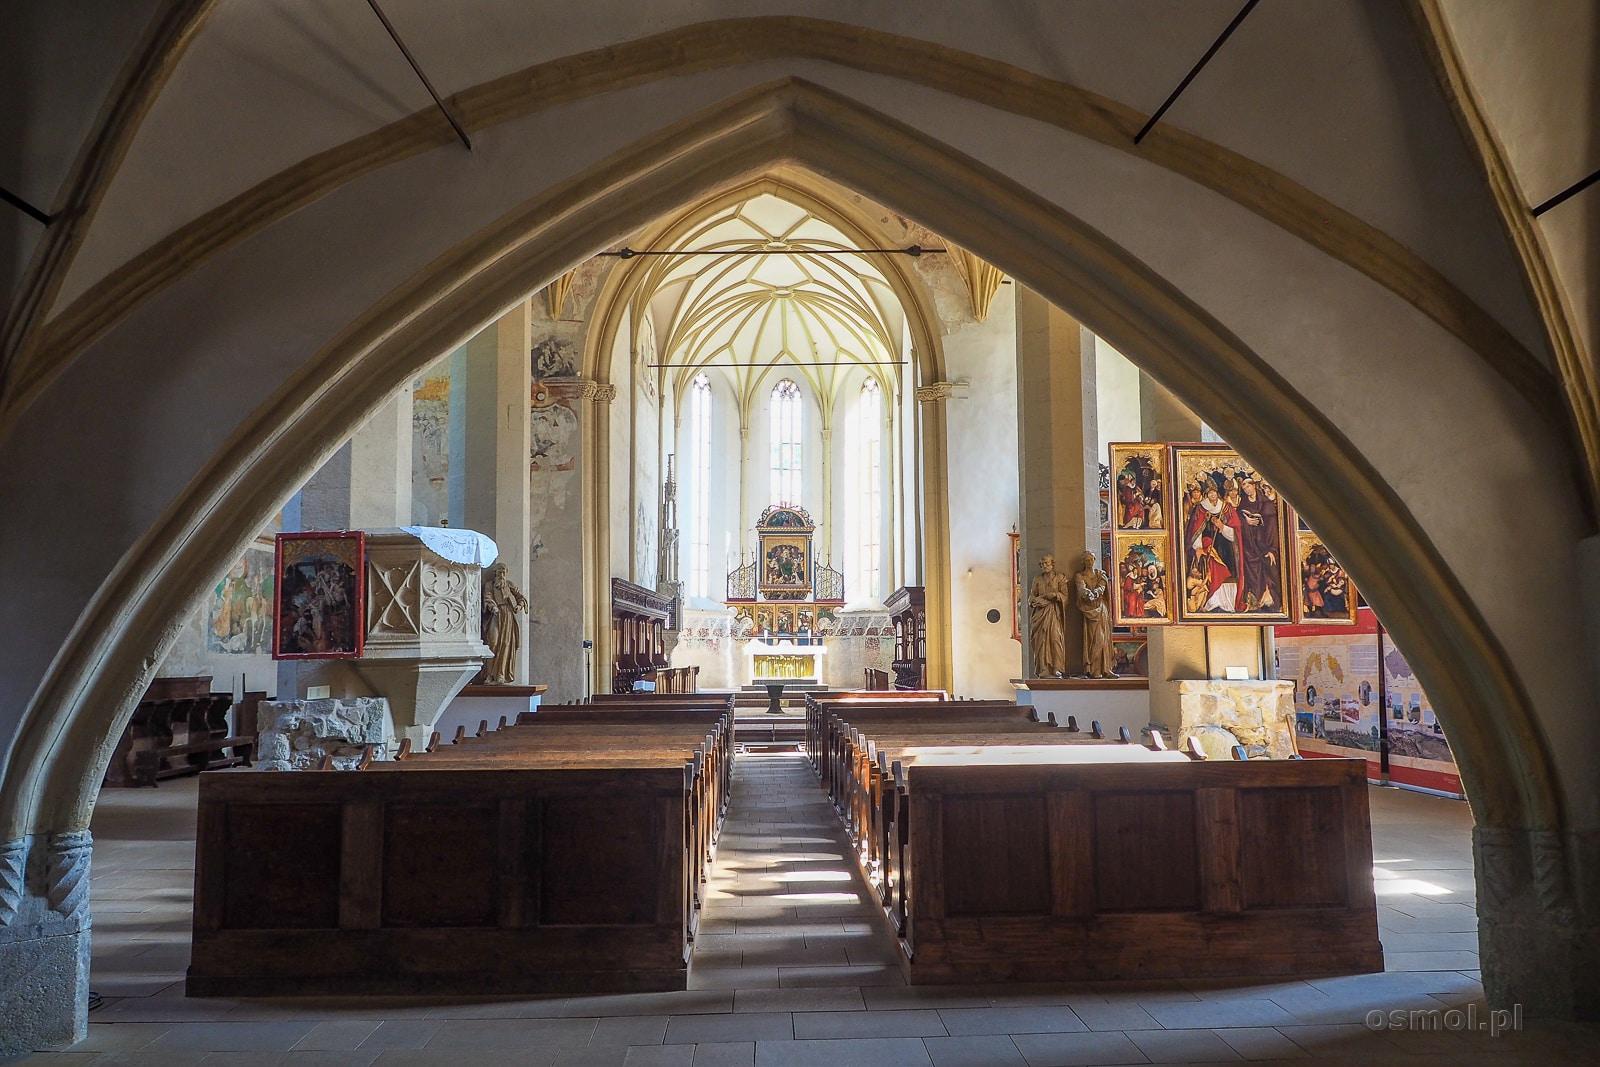 Wnętrze Kościoła na Wzgórzu w Sighișoarze